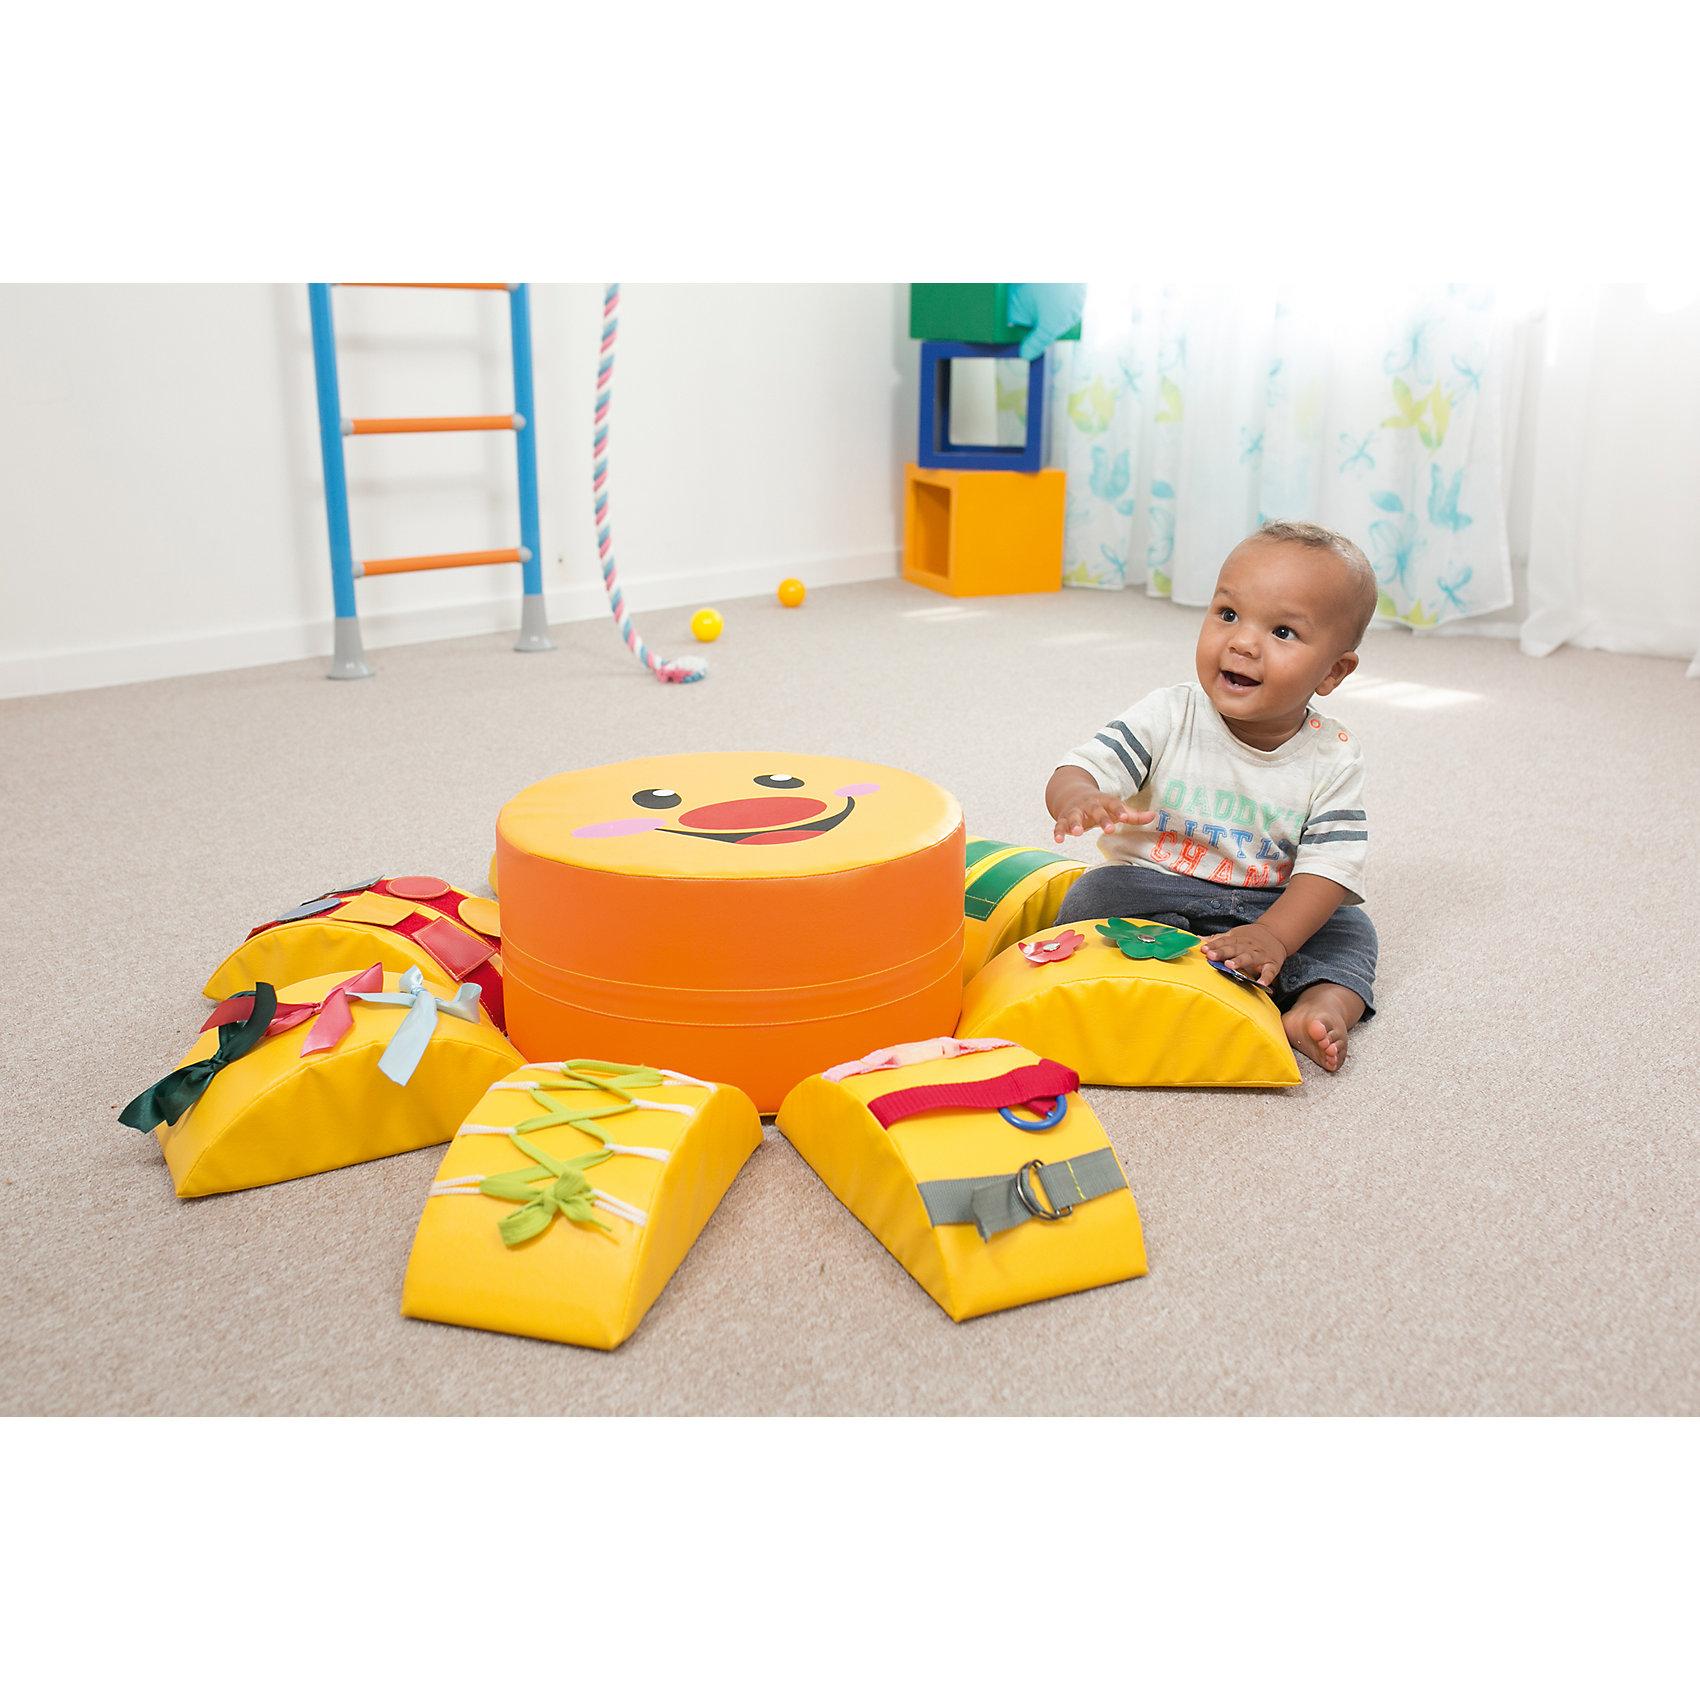 ROMANA Развивающая игрушка Солнышко, ROMANA мягкие кресла romana пуфик макака